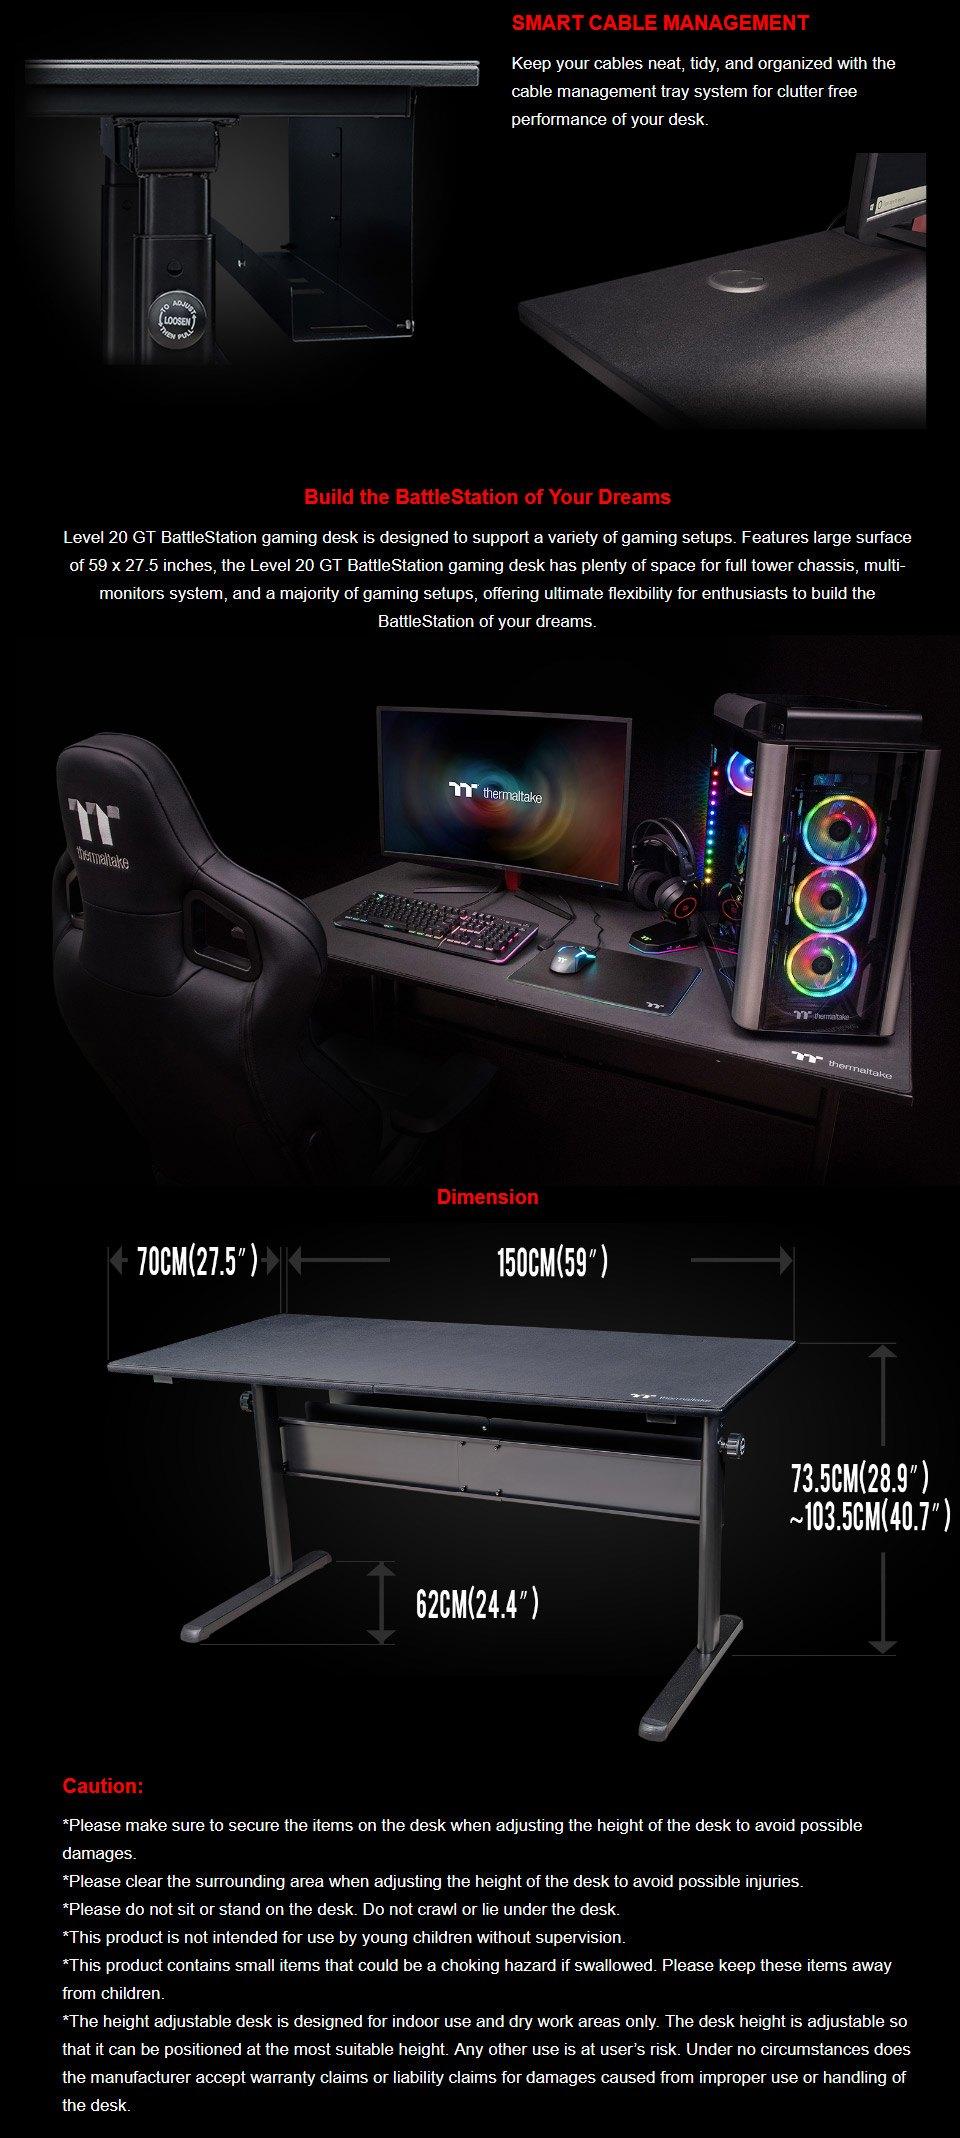 Thermaltake Level 20 GT BattleStation Gaming Desk features 2